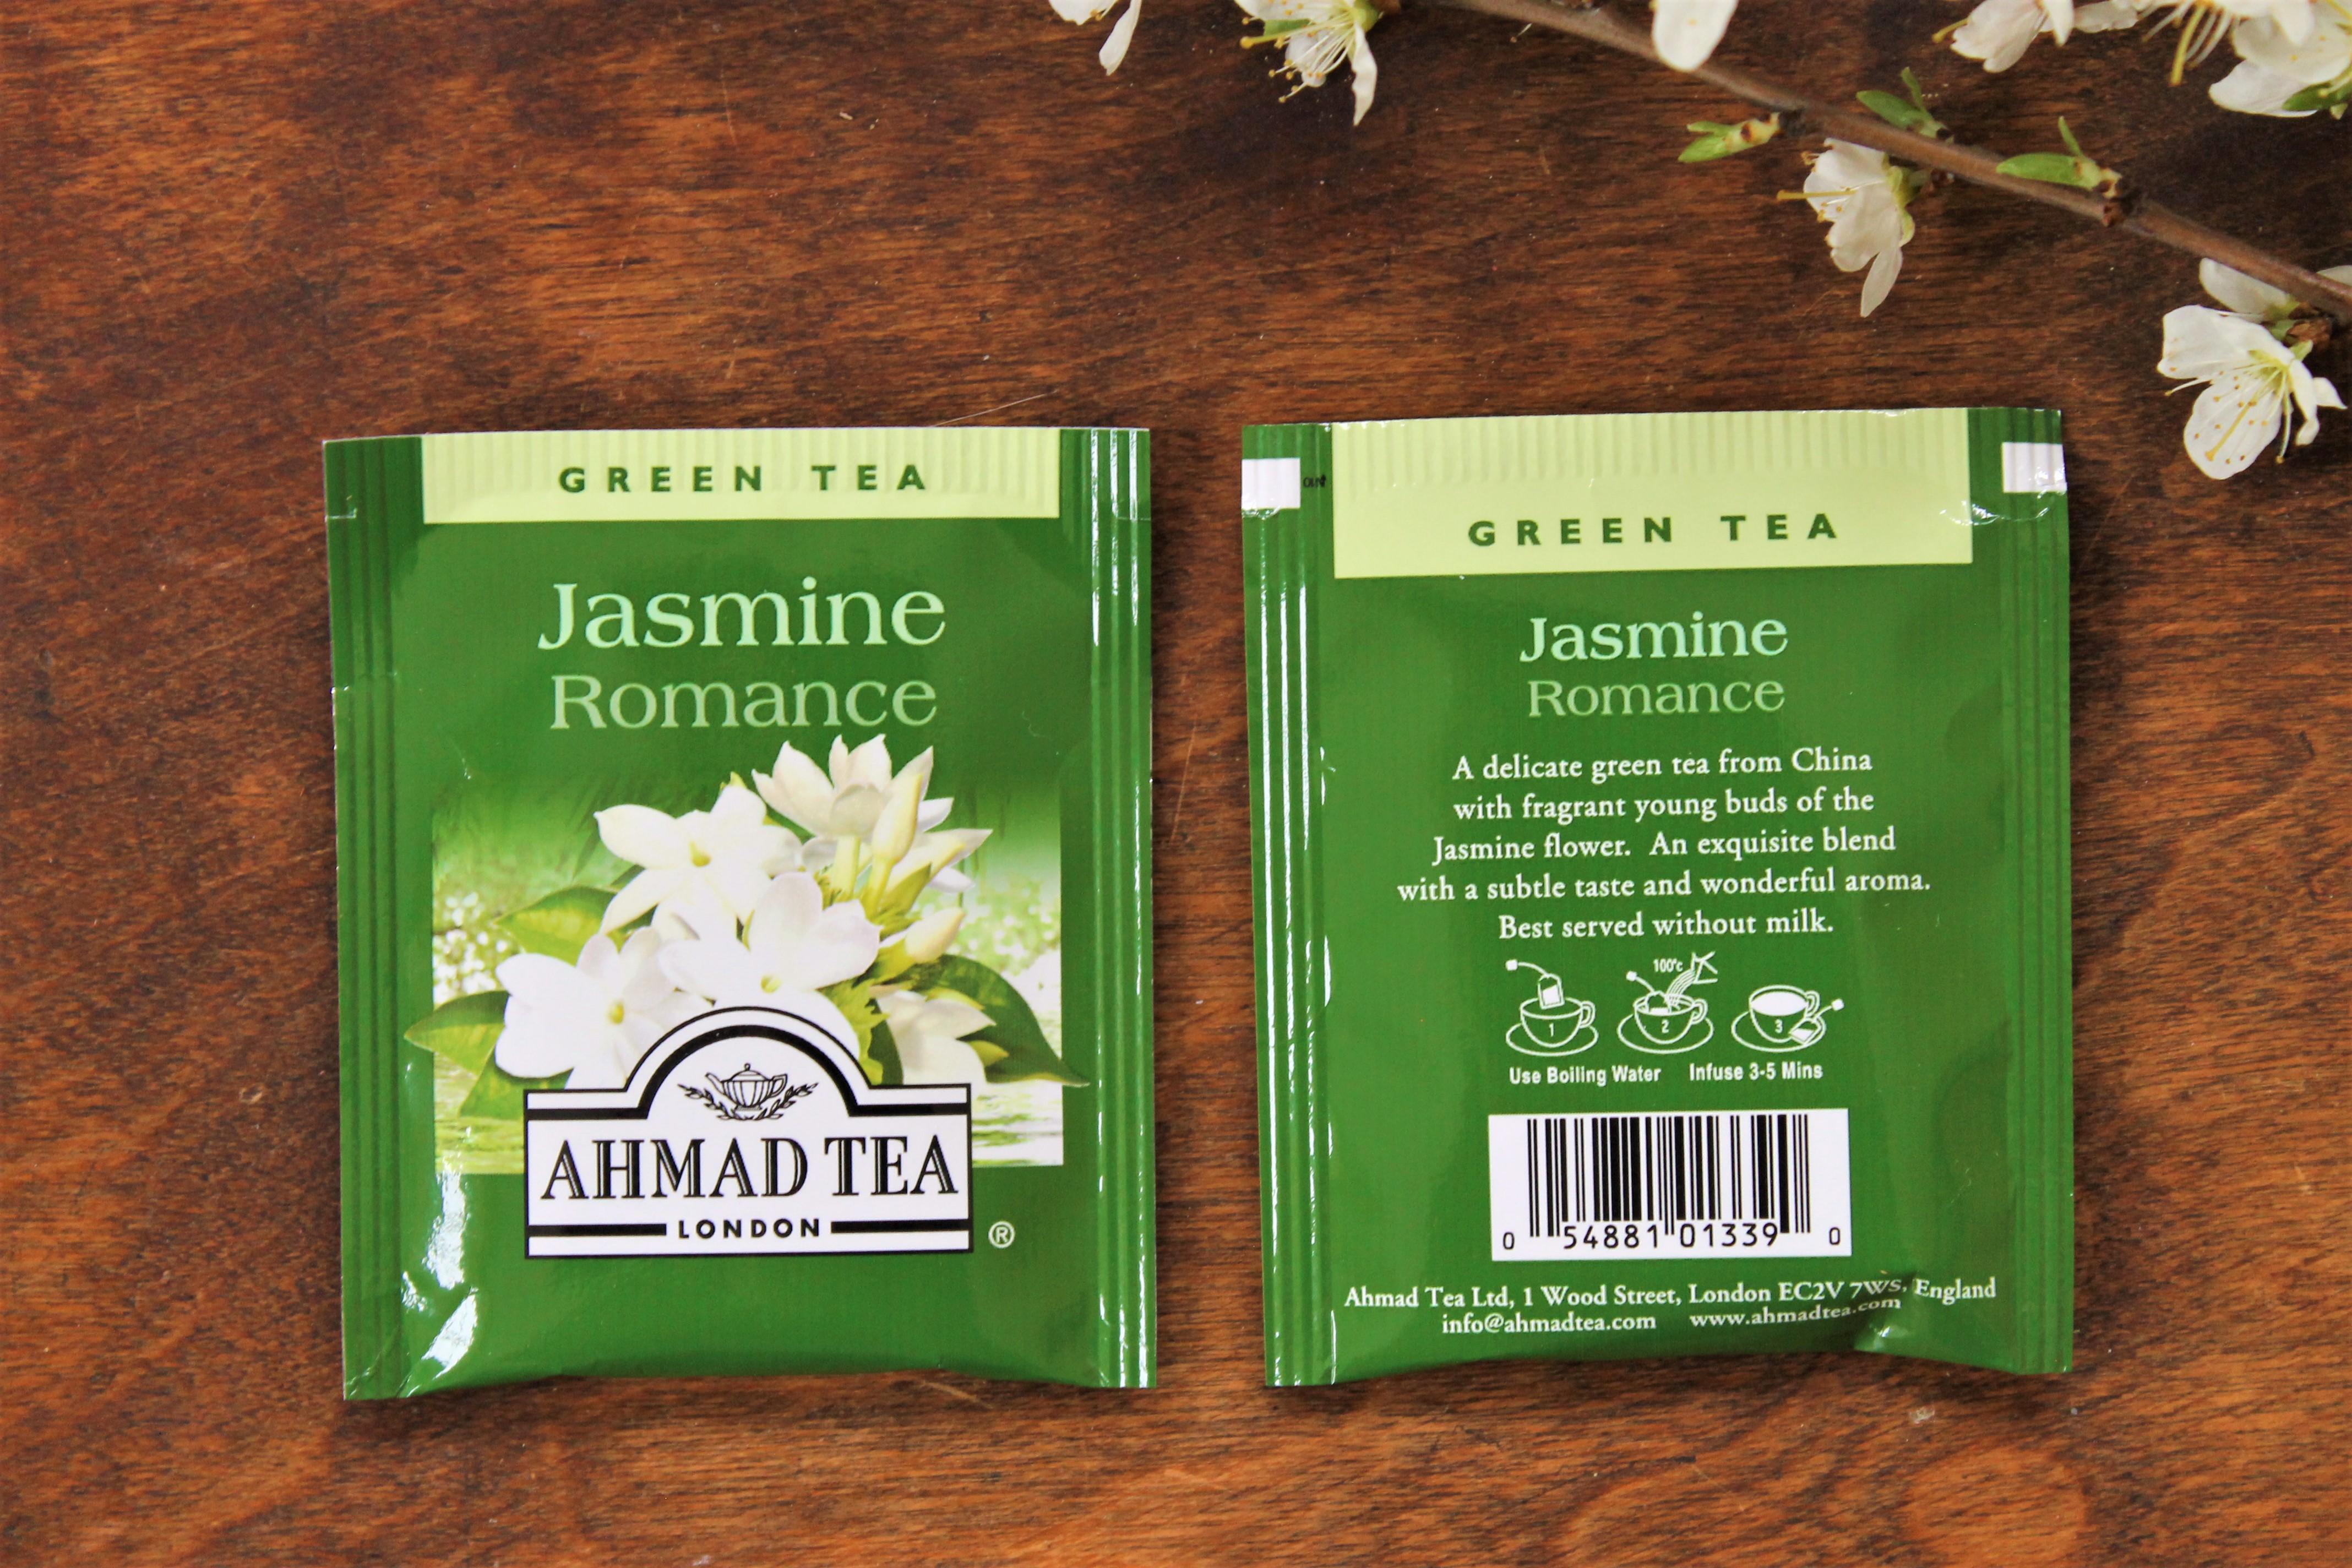 ahmad tea jasmine romance tea bags